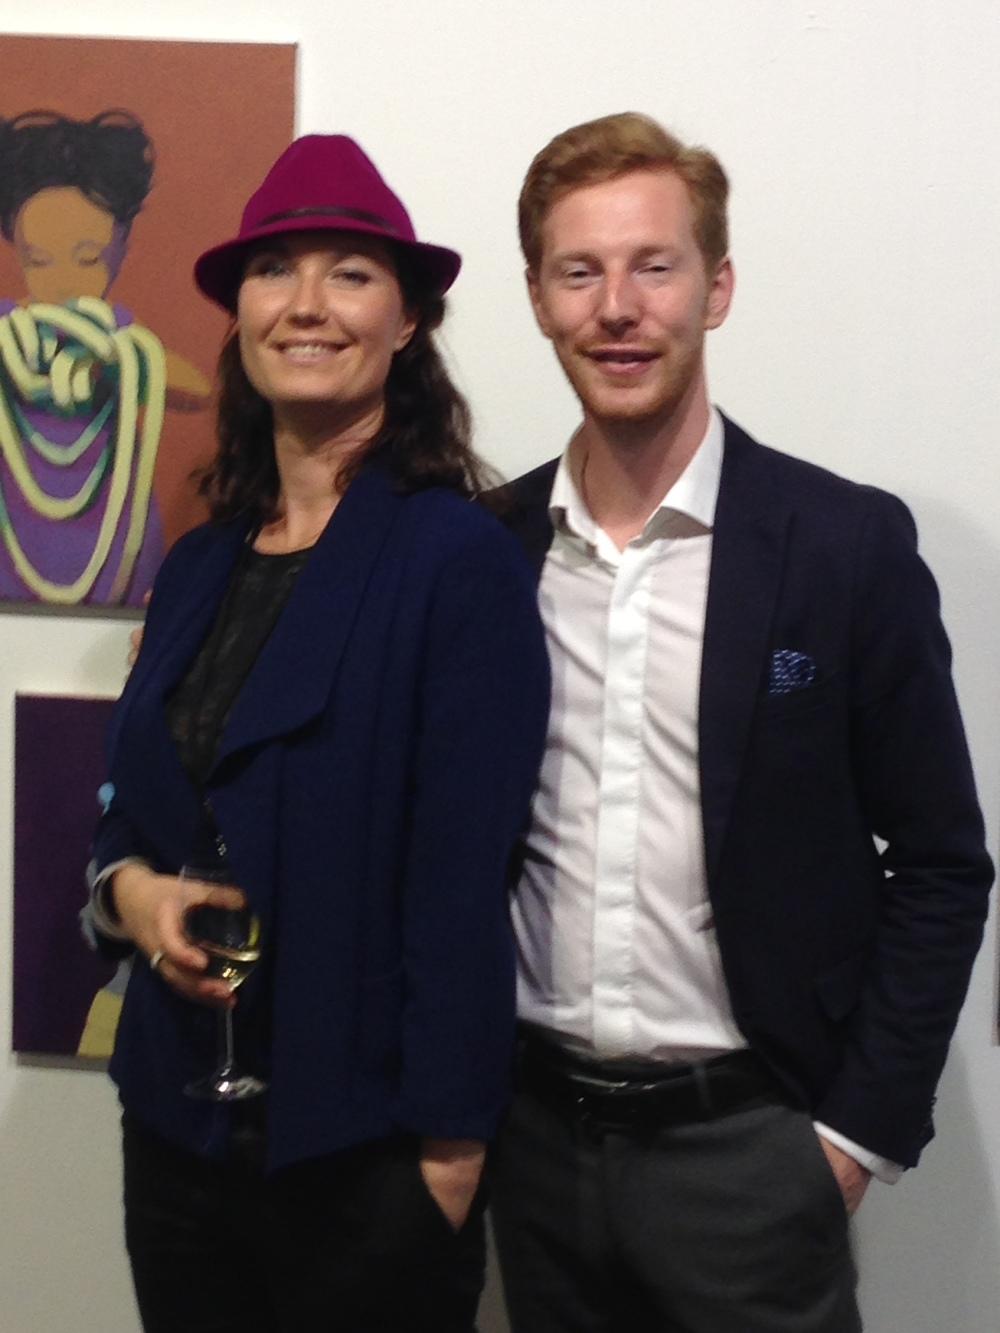 Robert Stelzer von PARNASS, dass östereichische Kunstmagazin àla ART oder Monopol